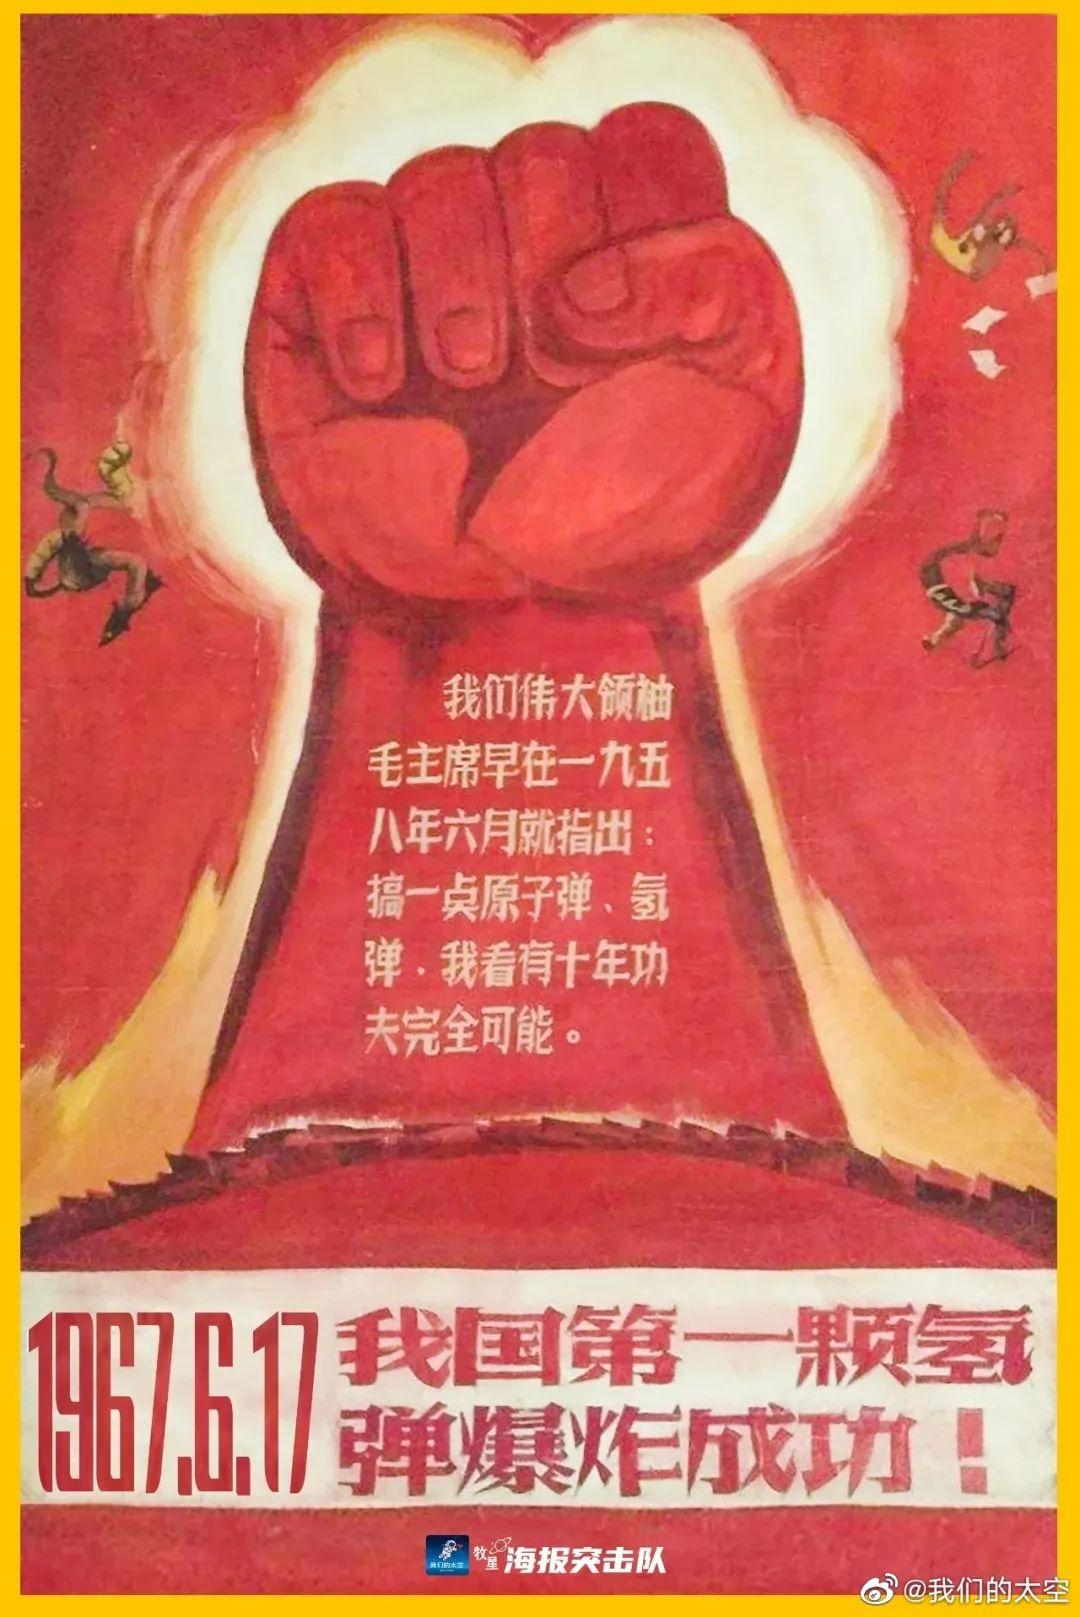 浪漫!神舟十三号发射日是我国首颗原子弹爆炸纪念日